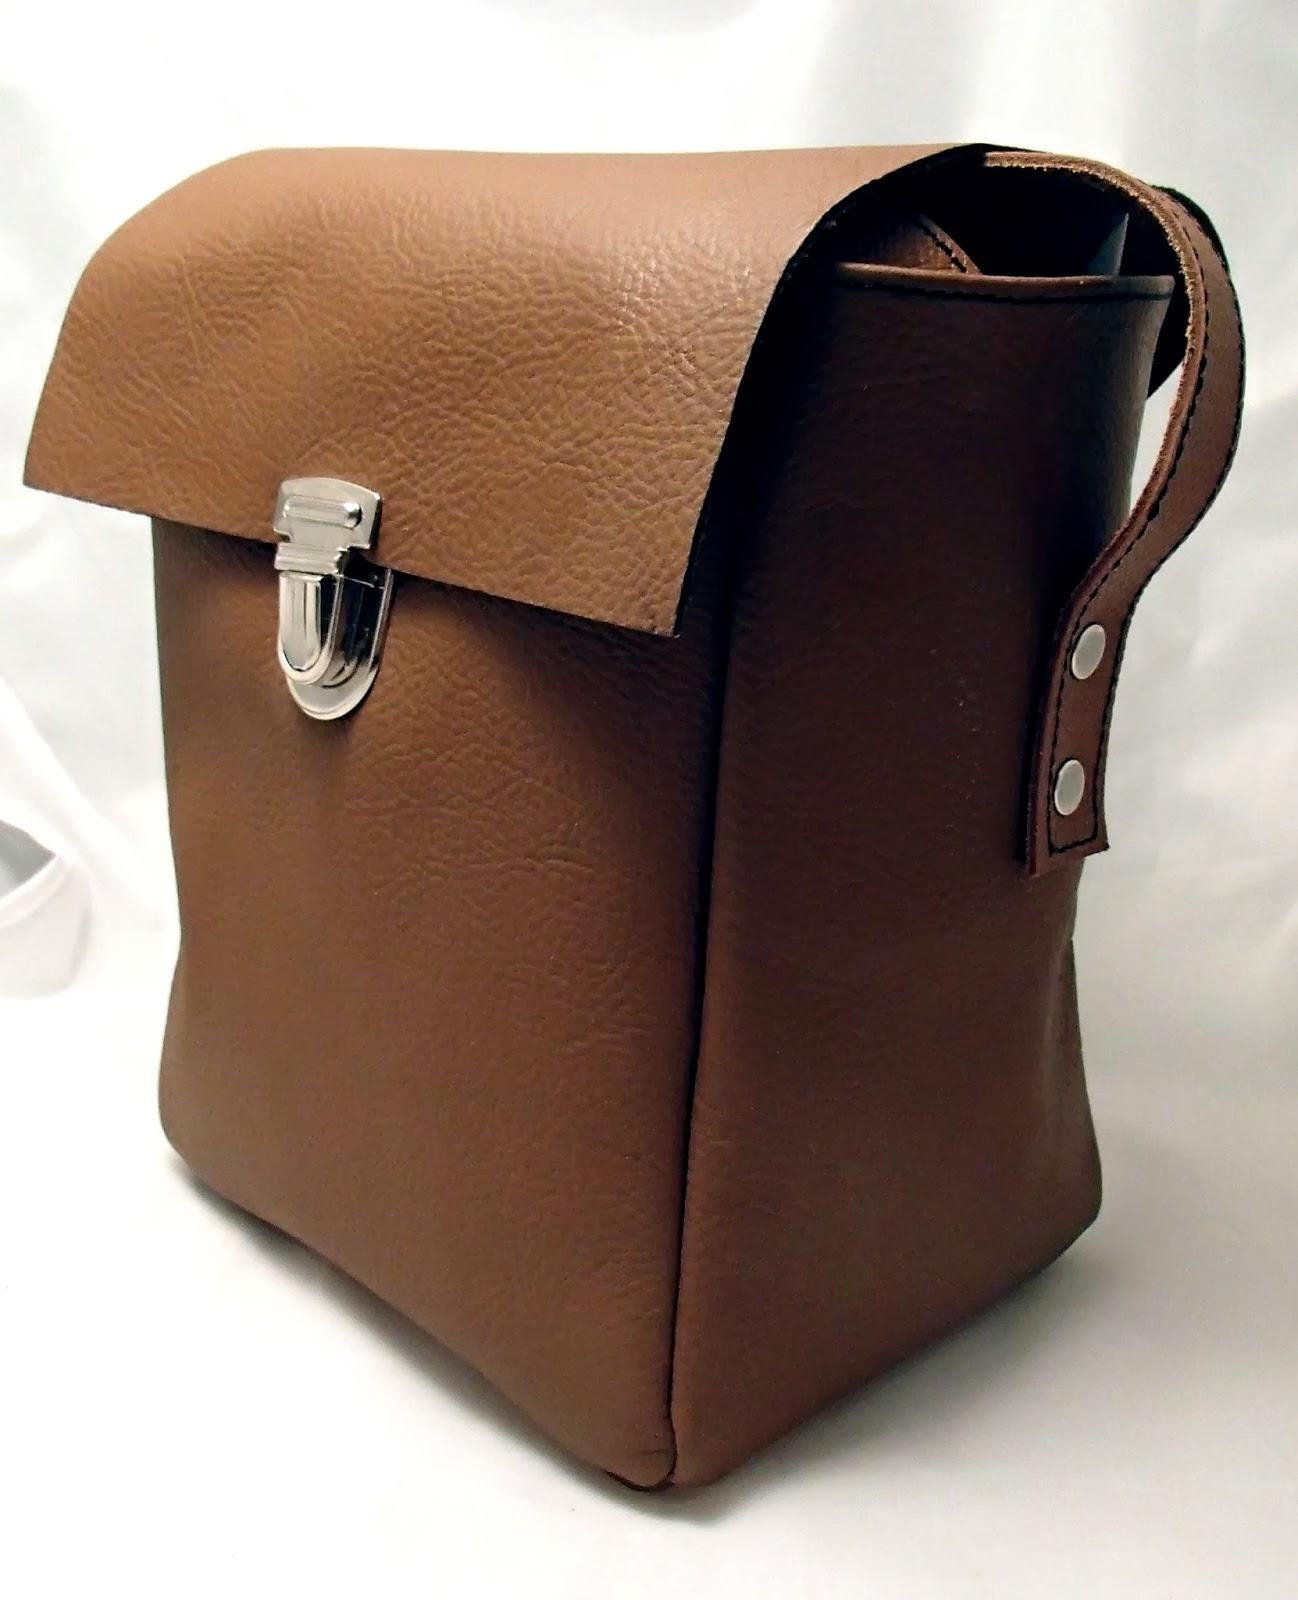 Vue de coté de la sacoche pour appareil photo reflex